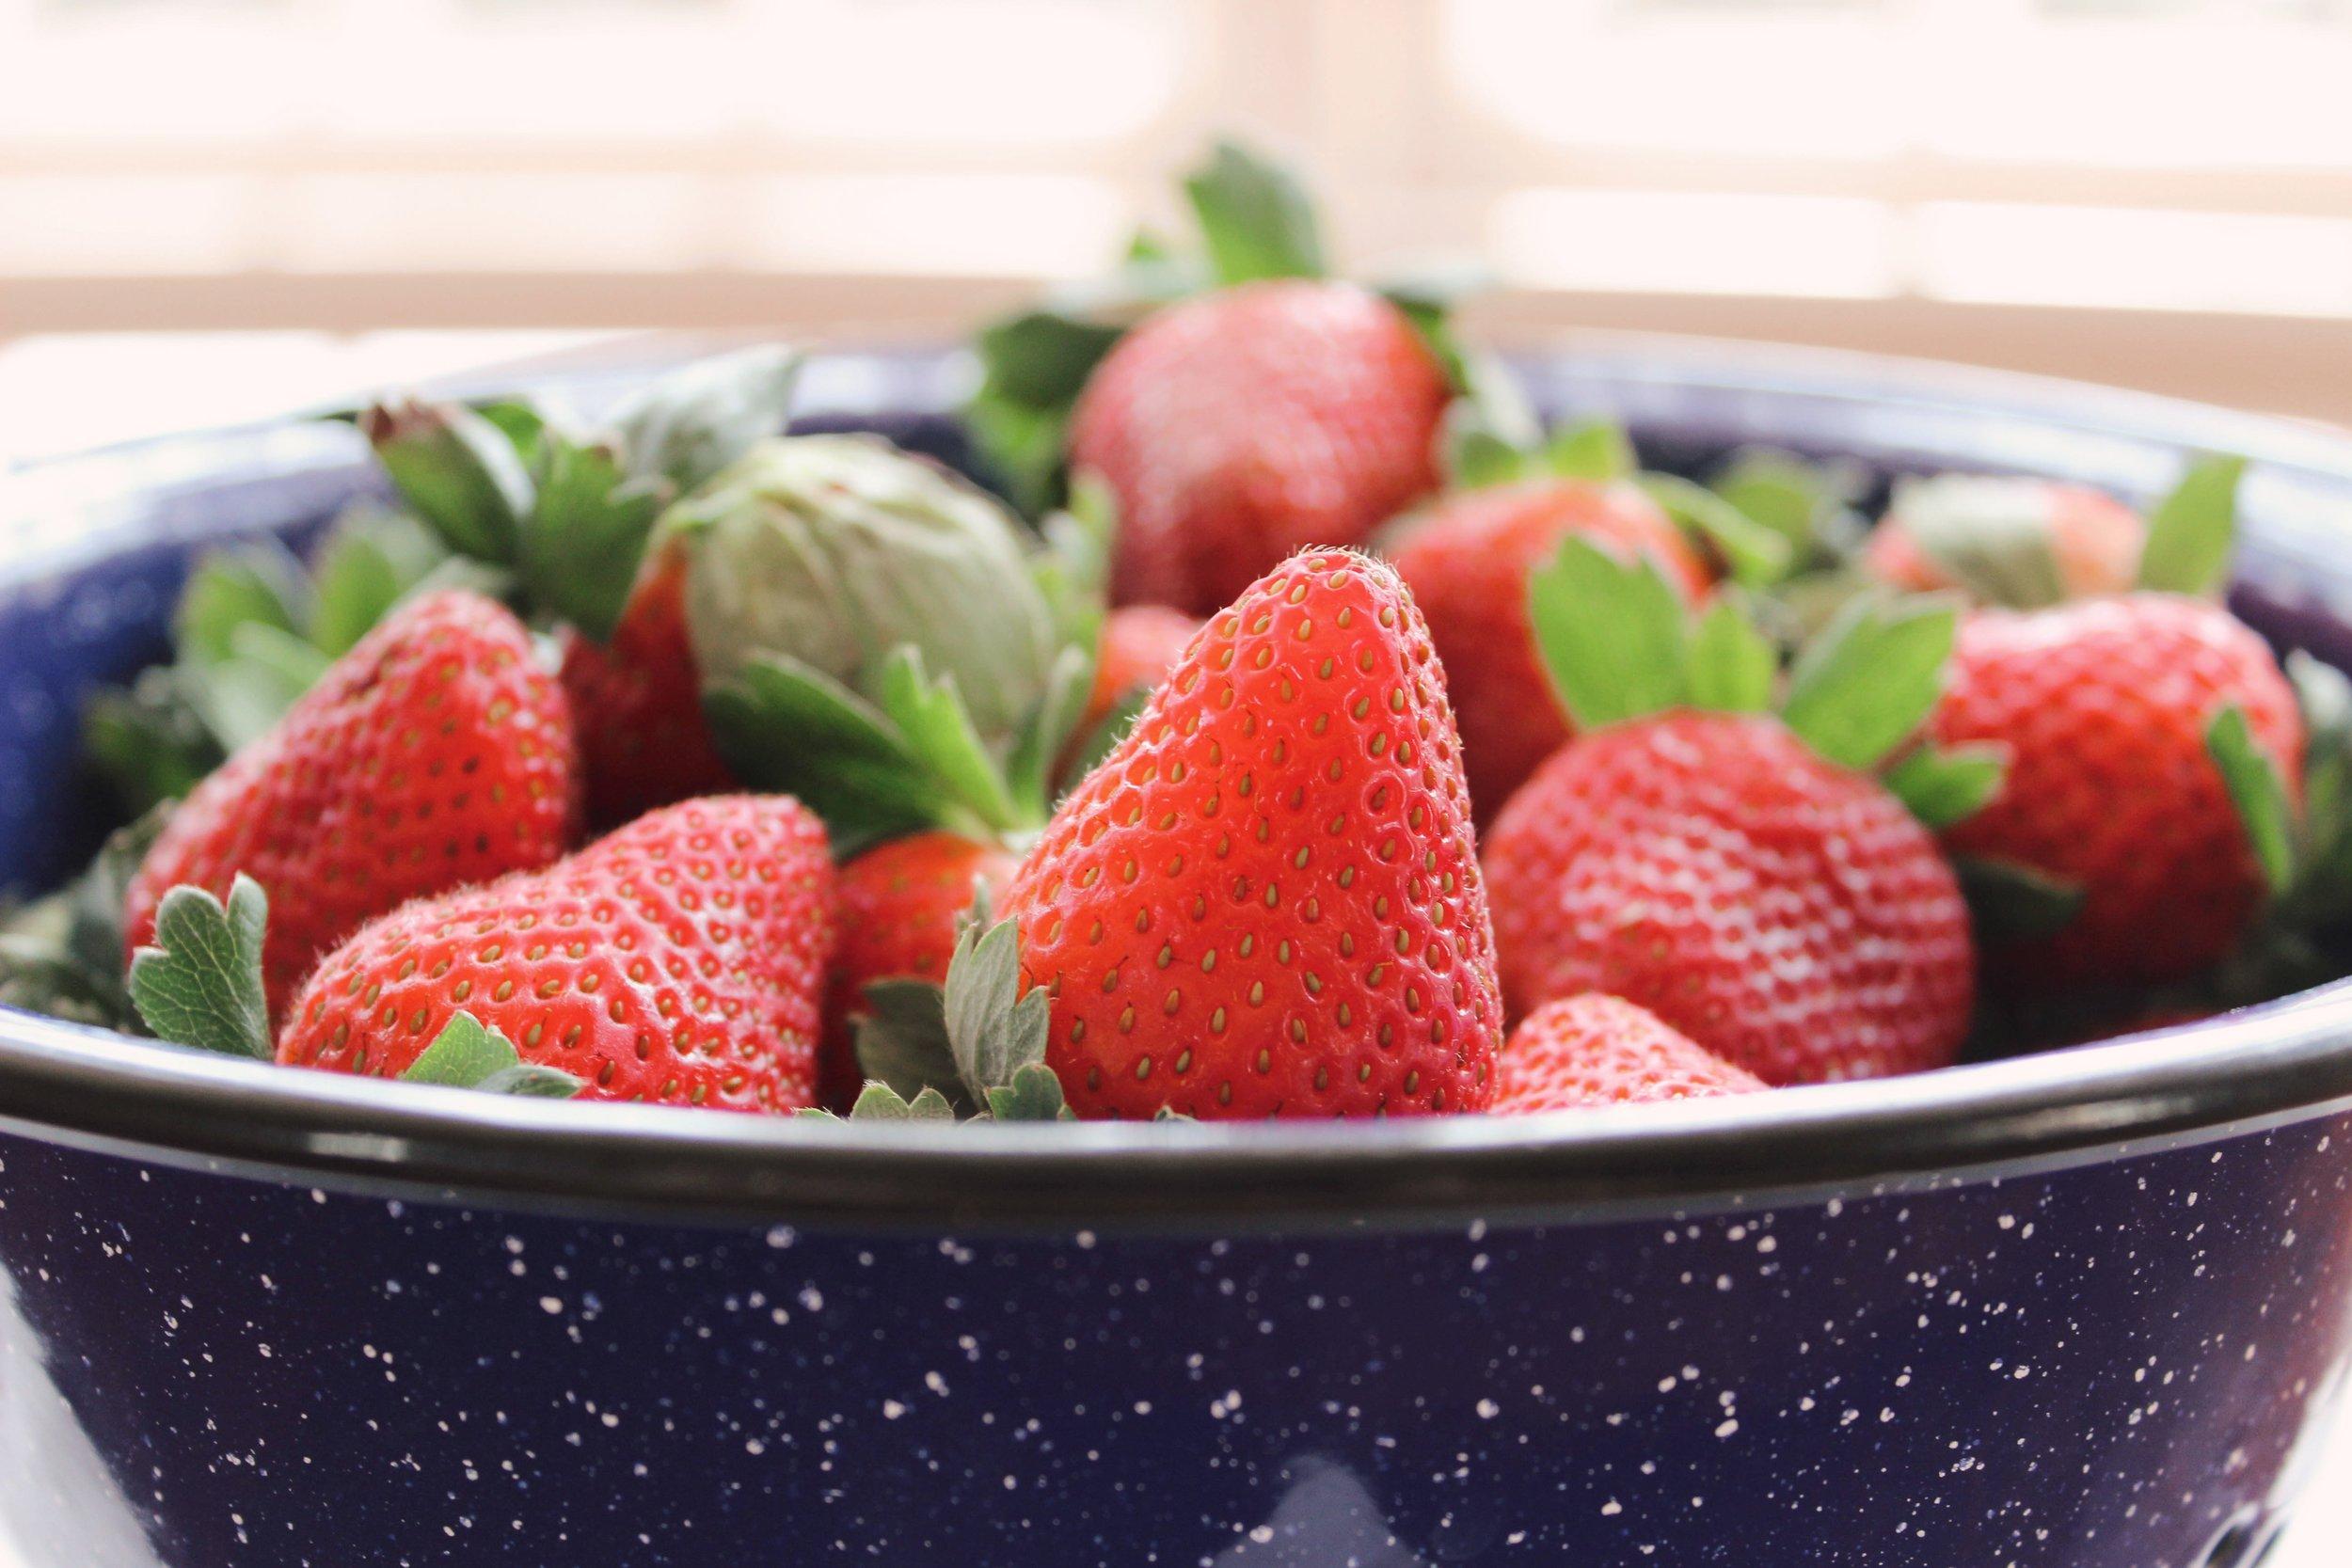 Hull and slice fresh strawberries.